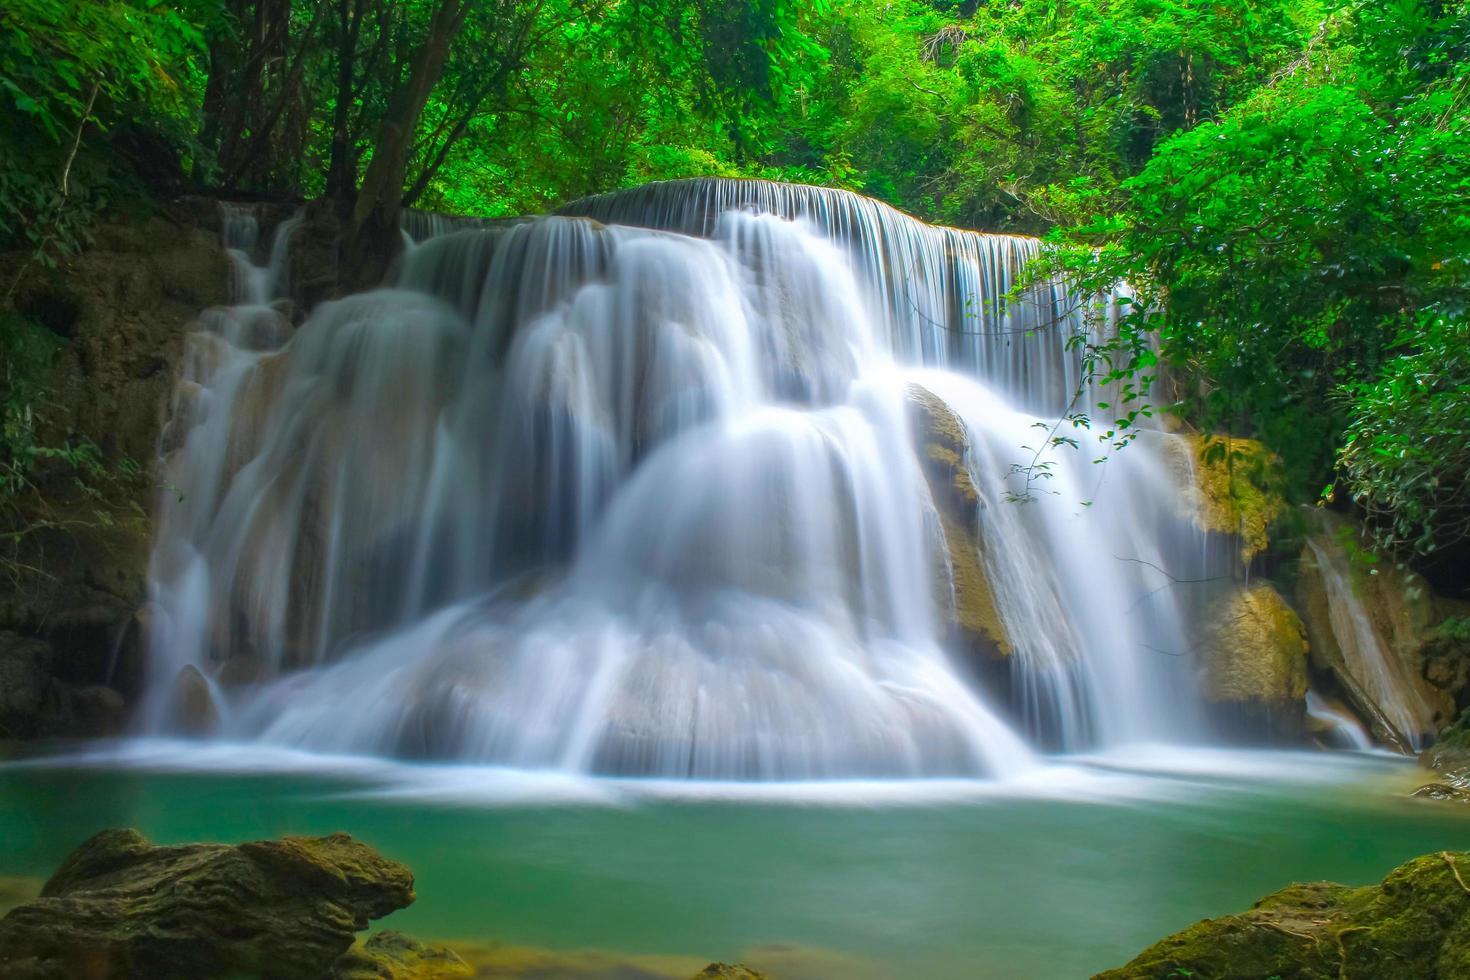 vackert vattenfall i en regnskog foto